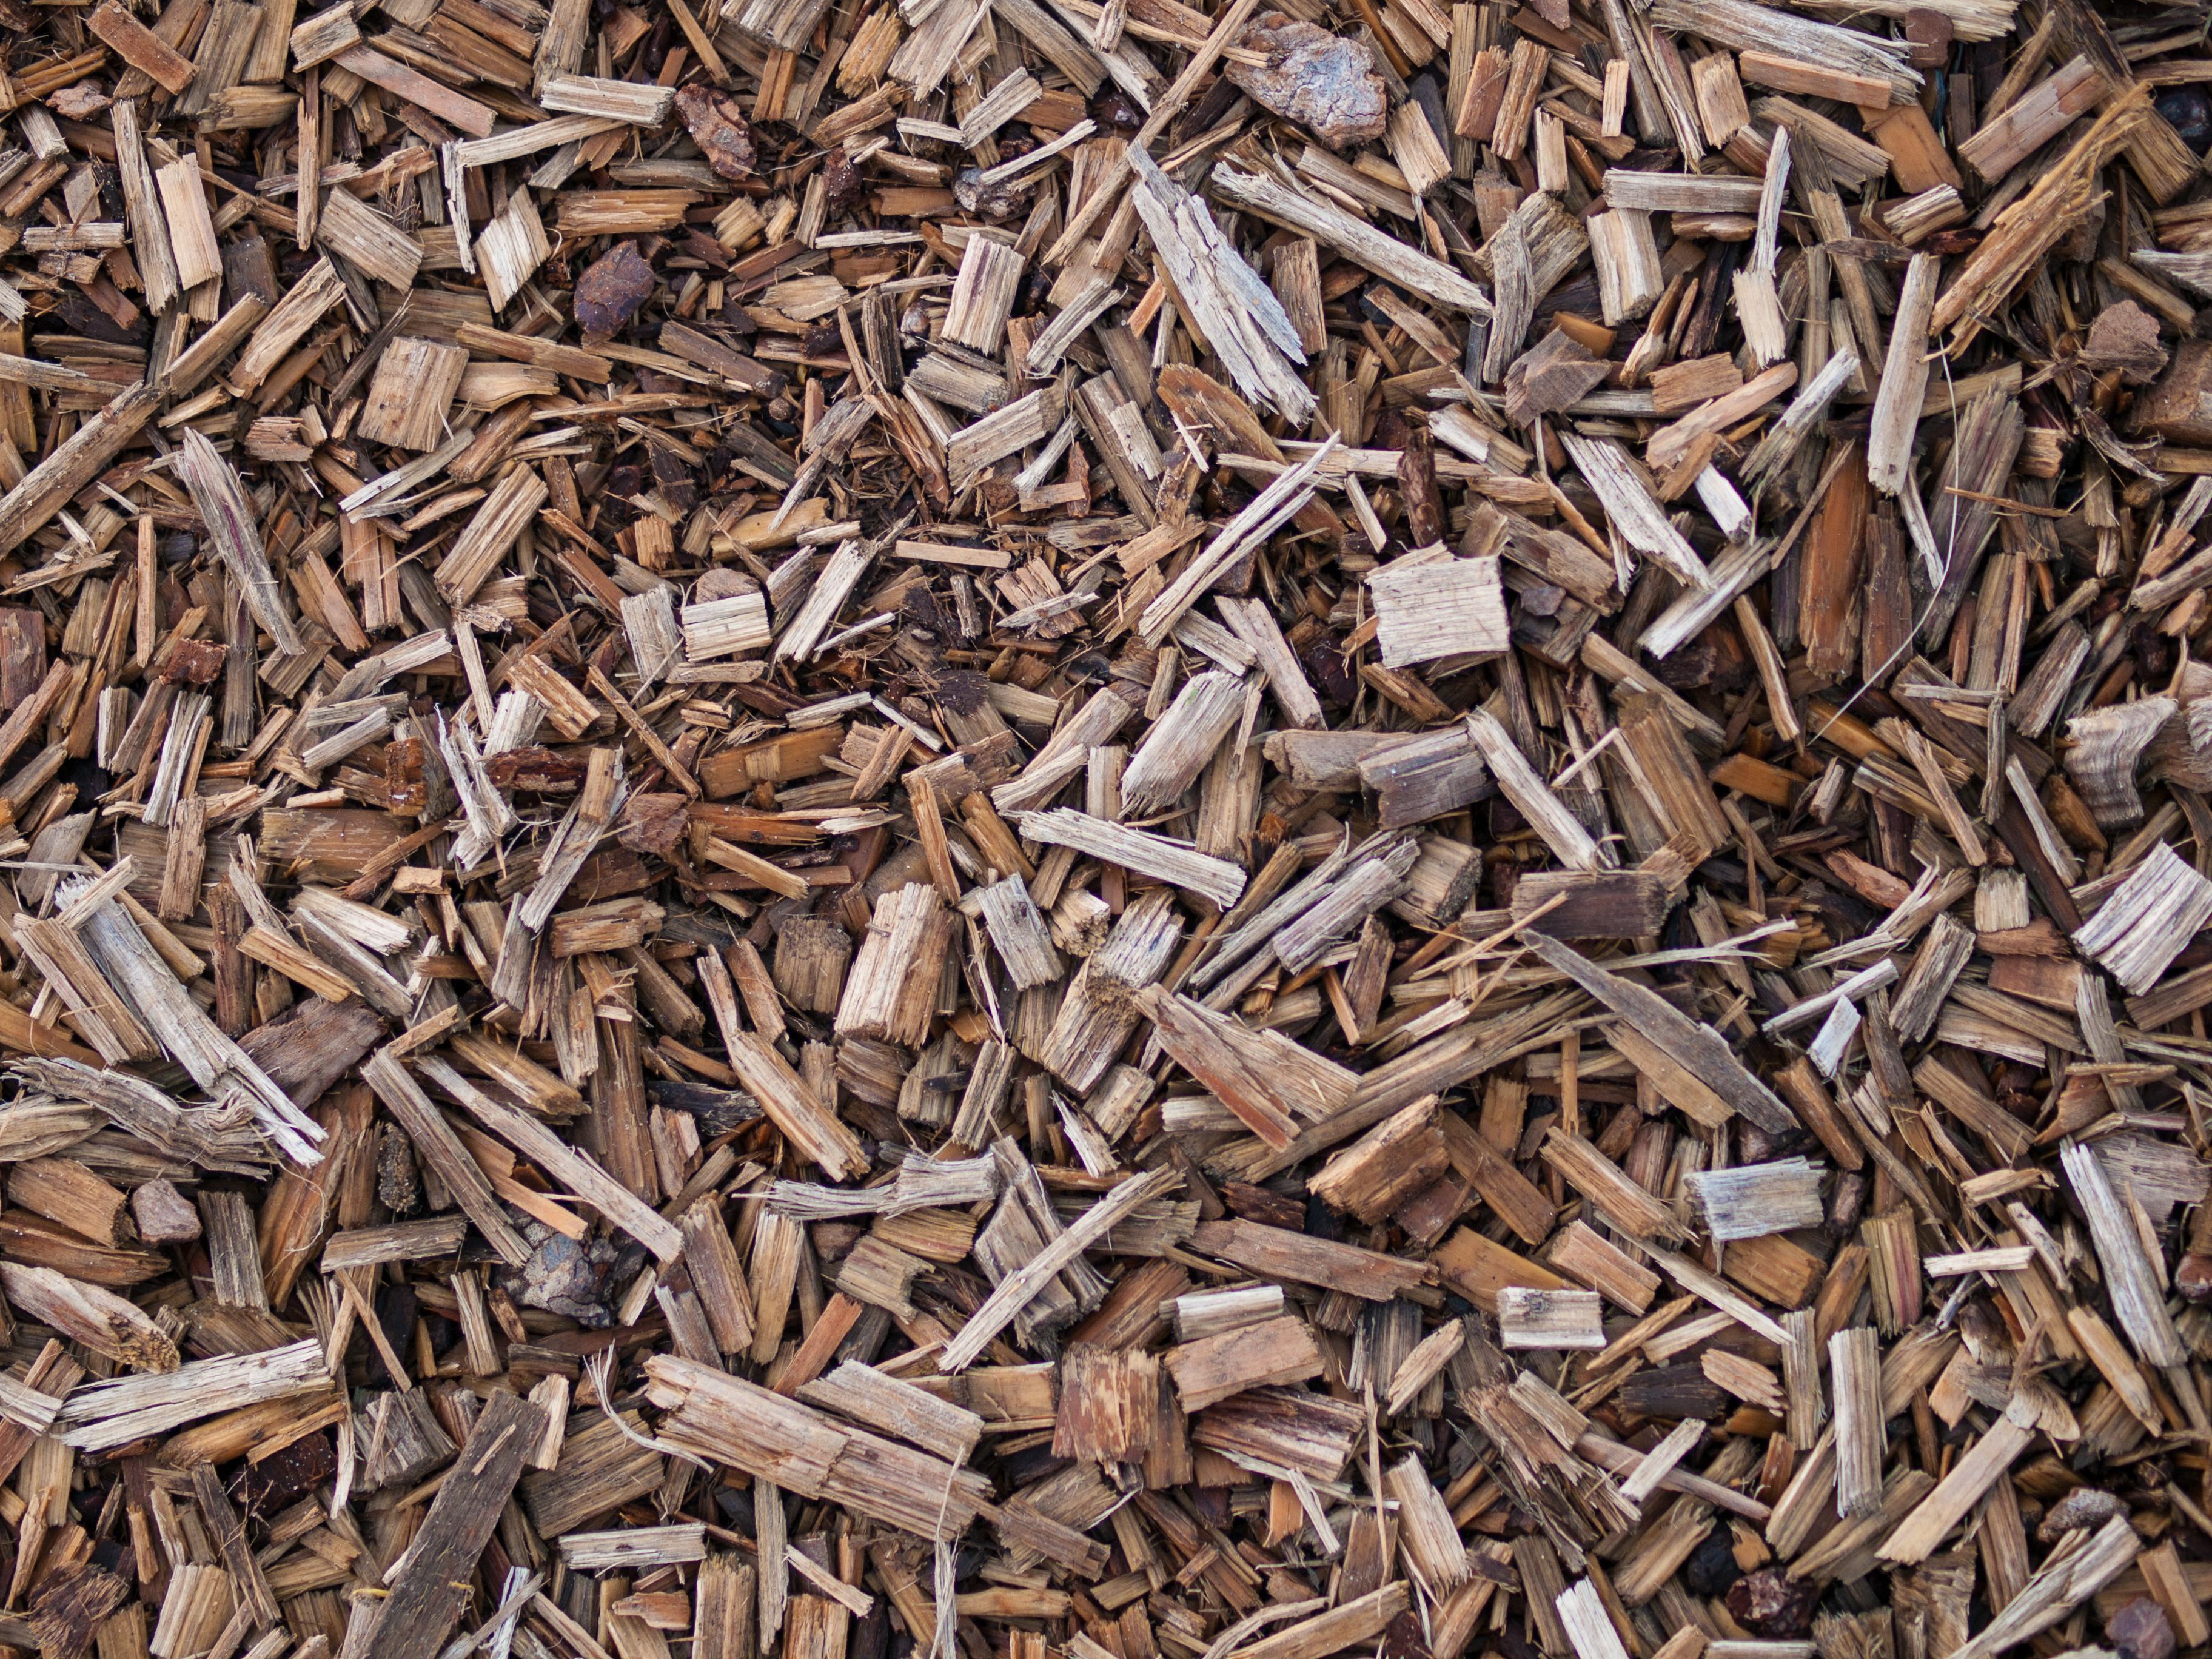 File:Woodchip (12140895823).jpg - Wikimedia Commons